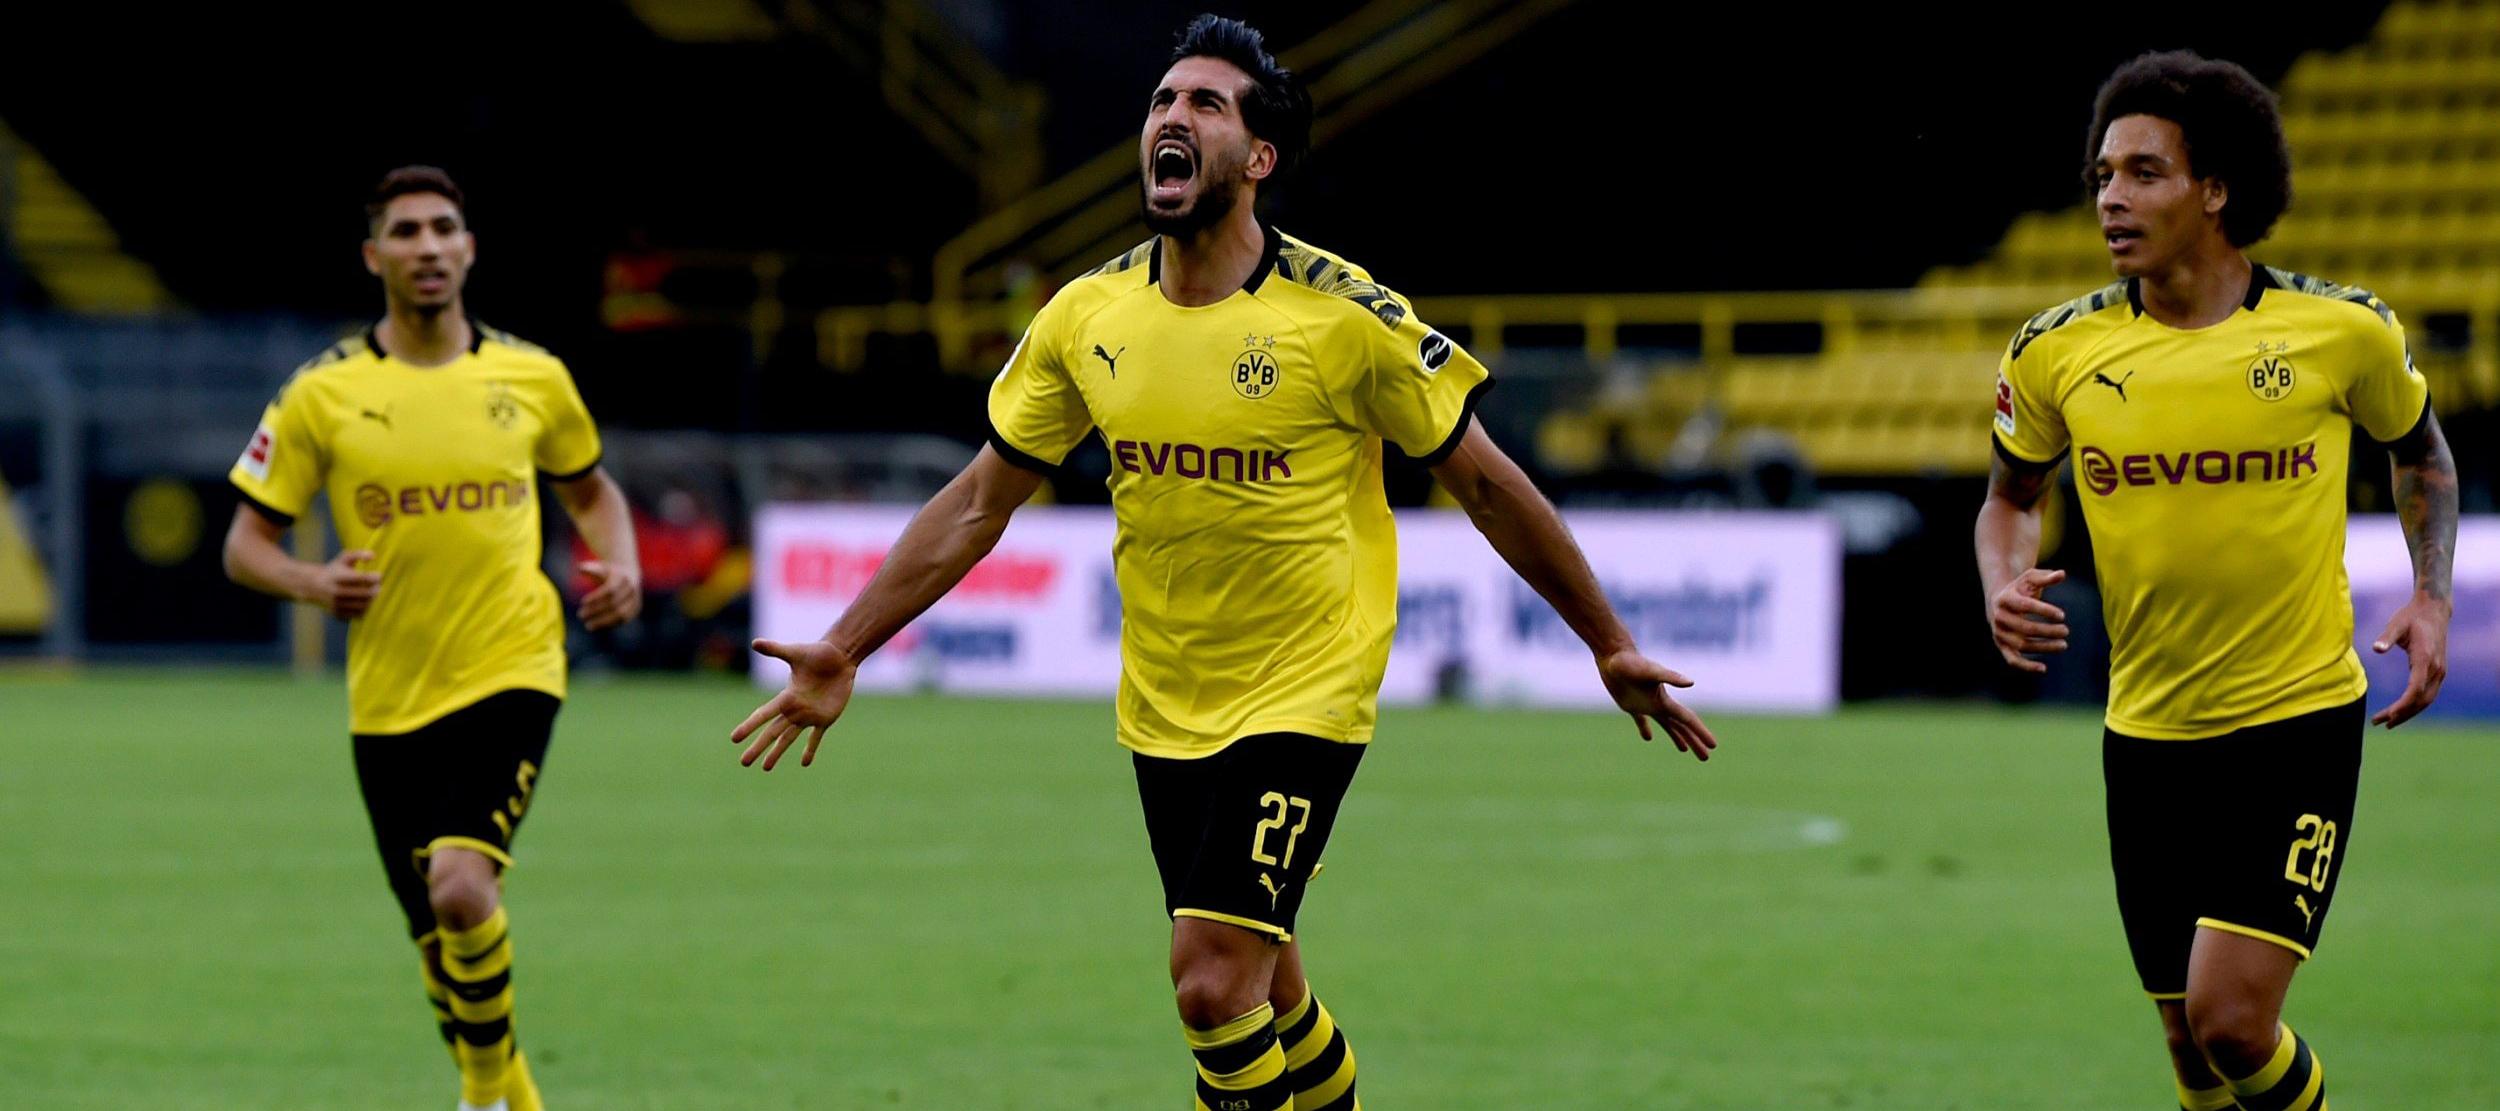 Bundesliga Dortmund Vs Dusseldorf Matchday 31